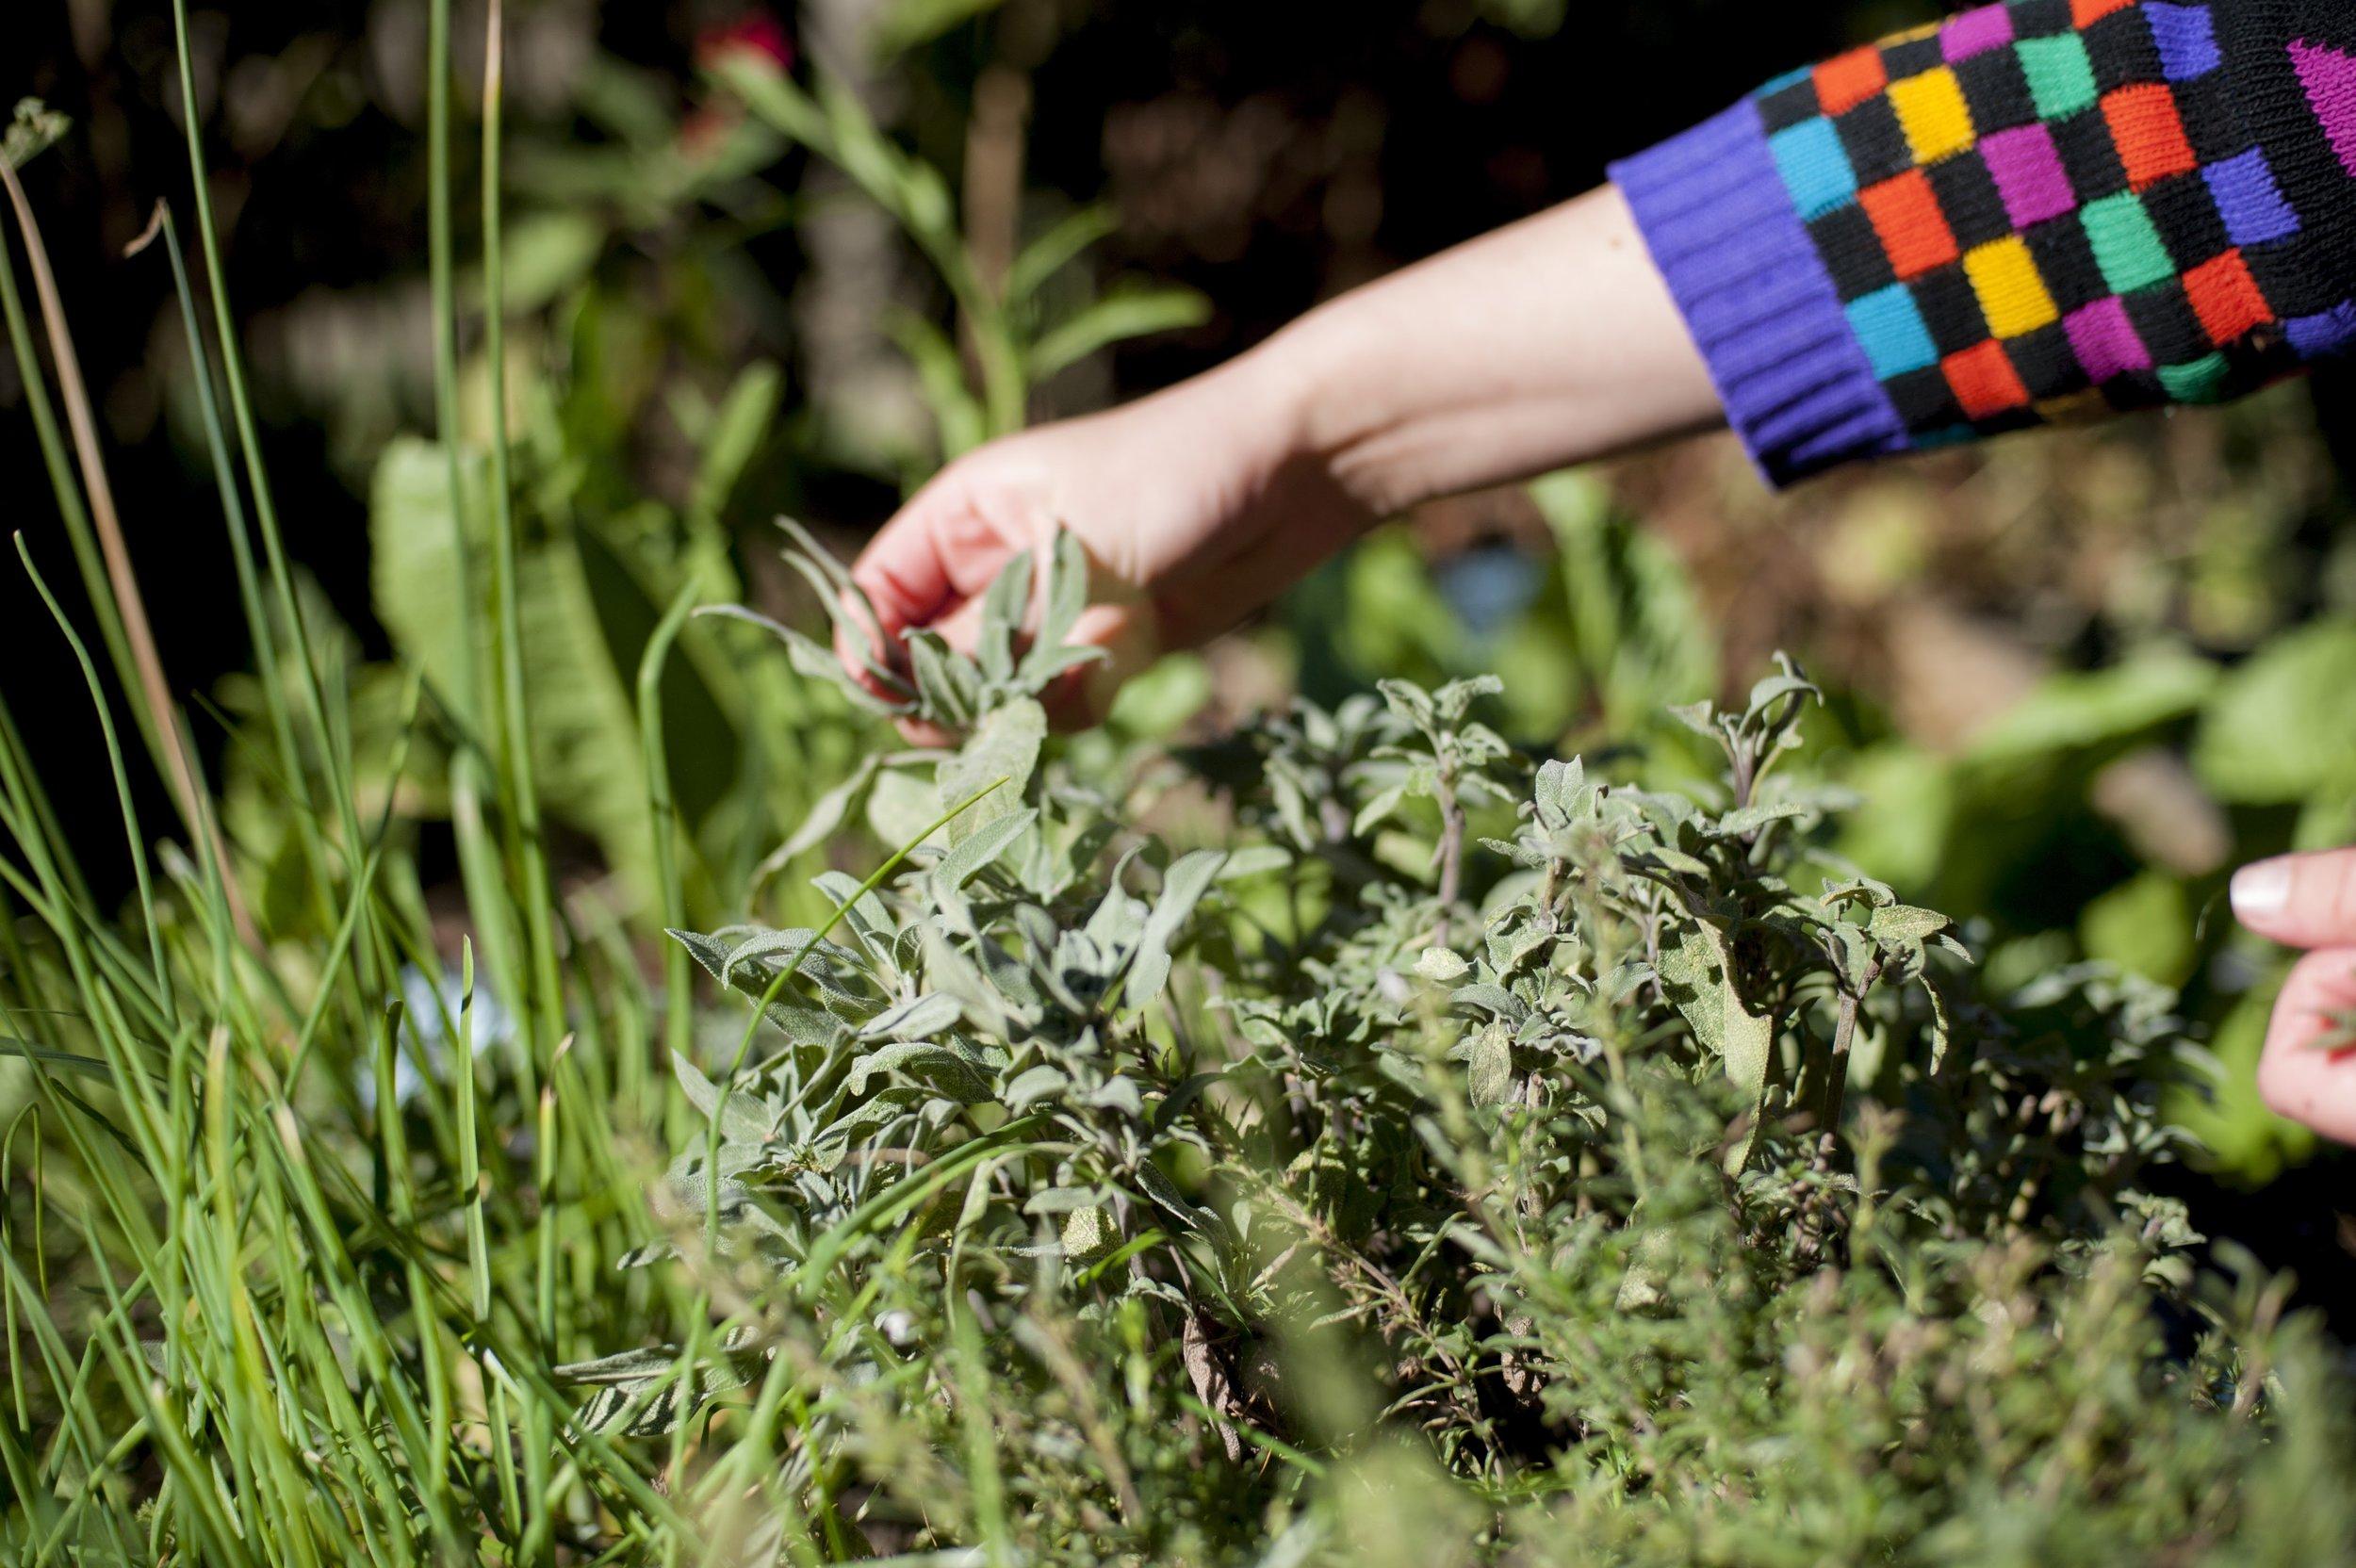 Picking fresh herbs.